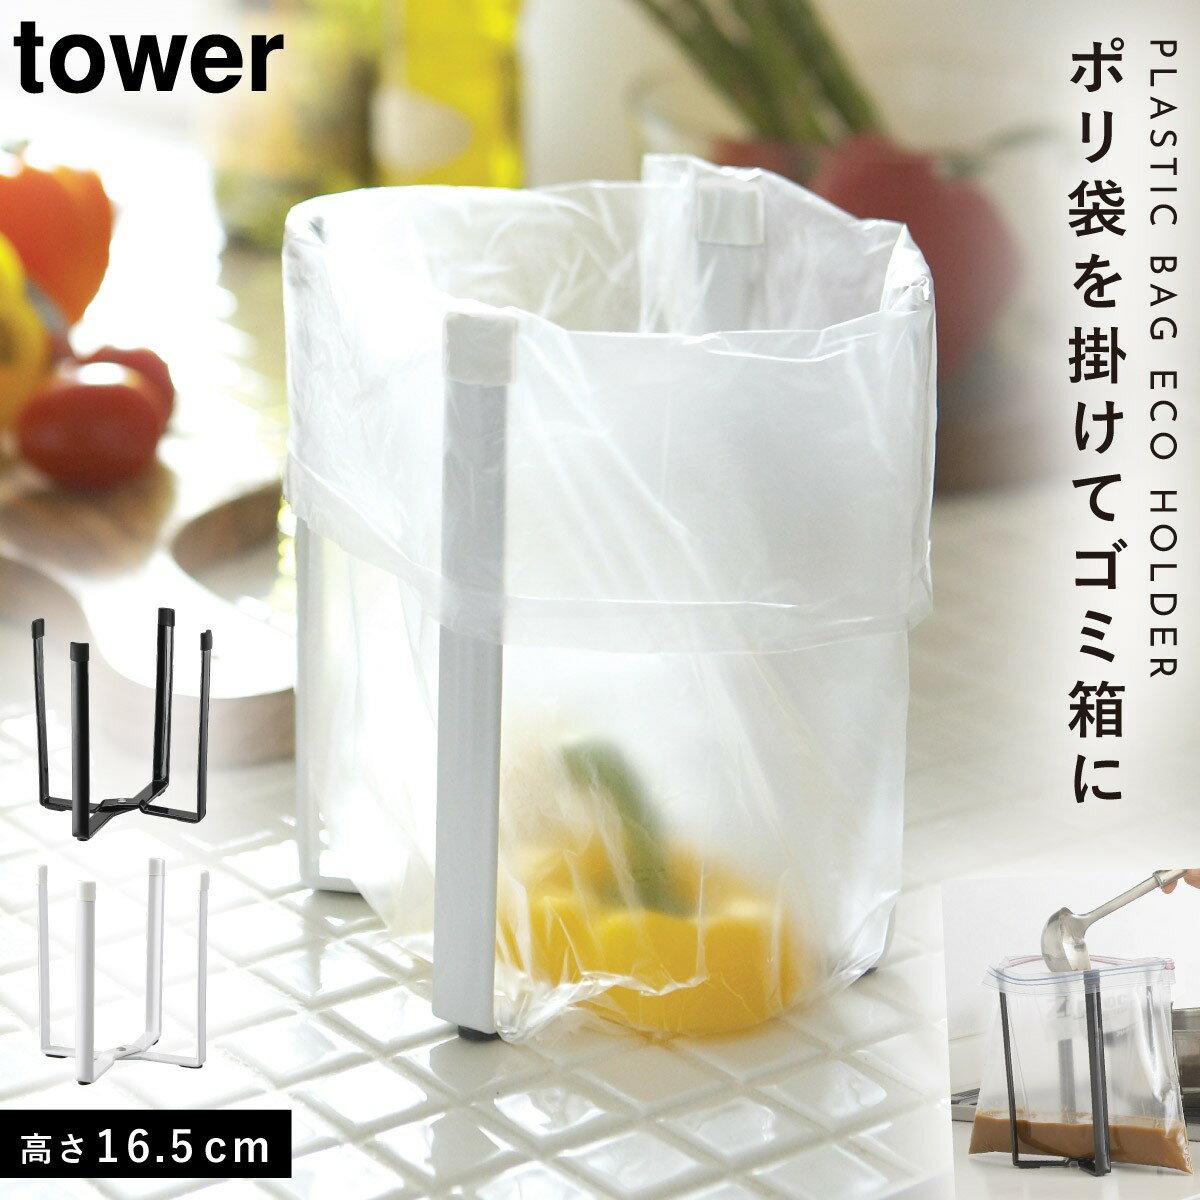 エコホルダー 三角コーナー ポリ袋 ゴミ袋 生ゴミ ペットボトル 乾燥 タワー キッチン 白い 黒 tower 山崎実業